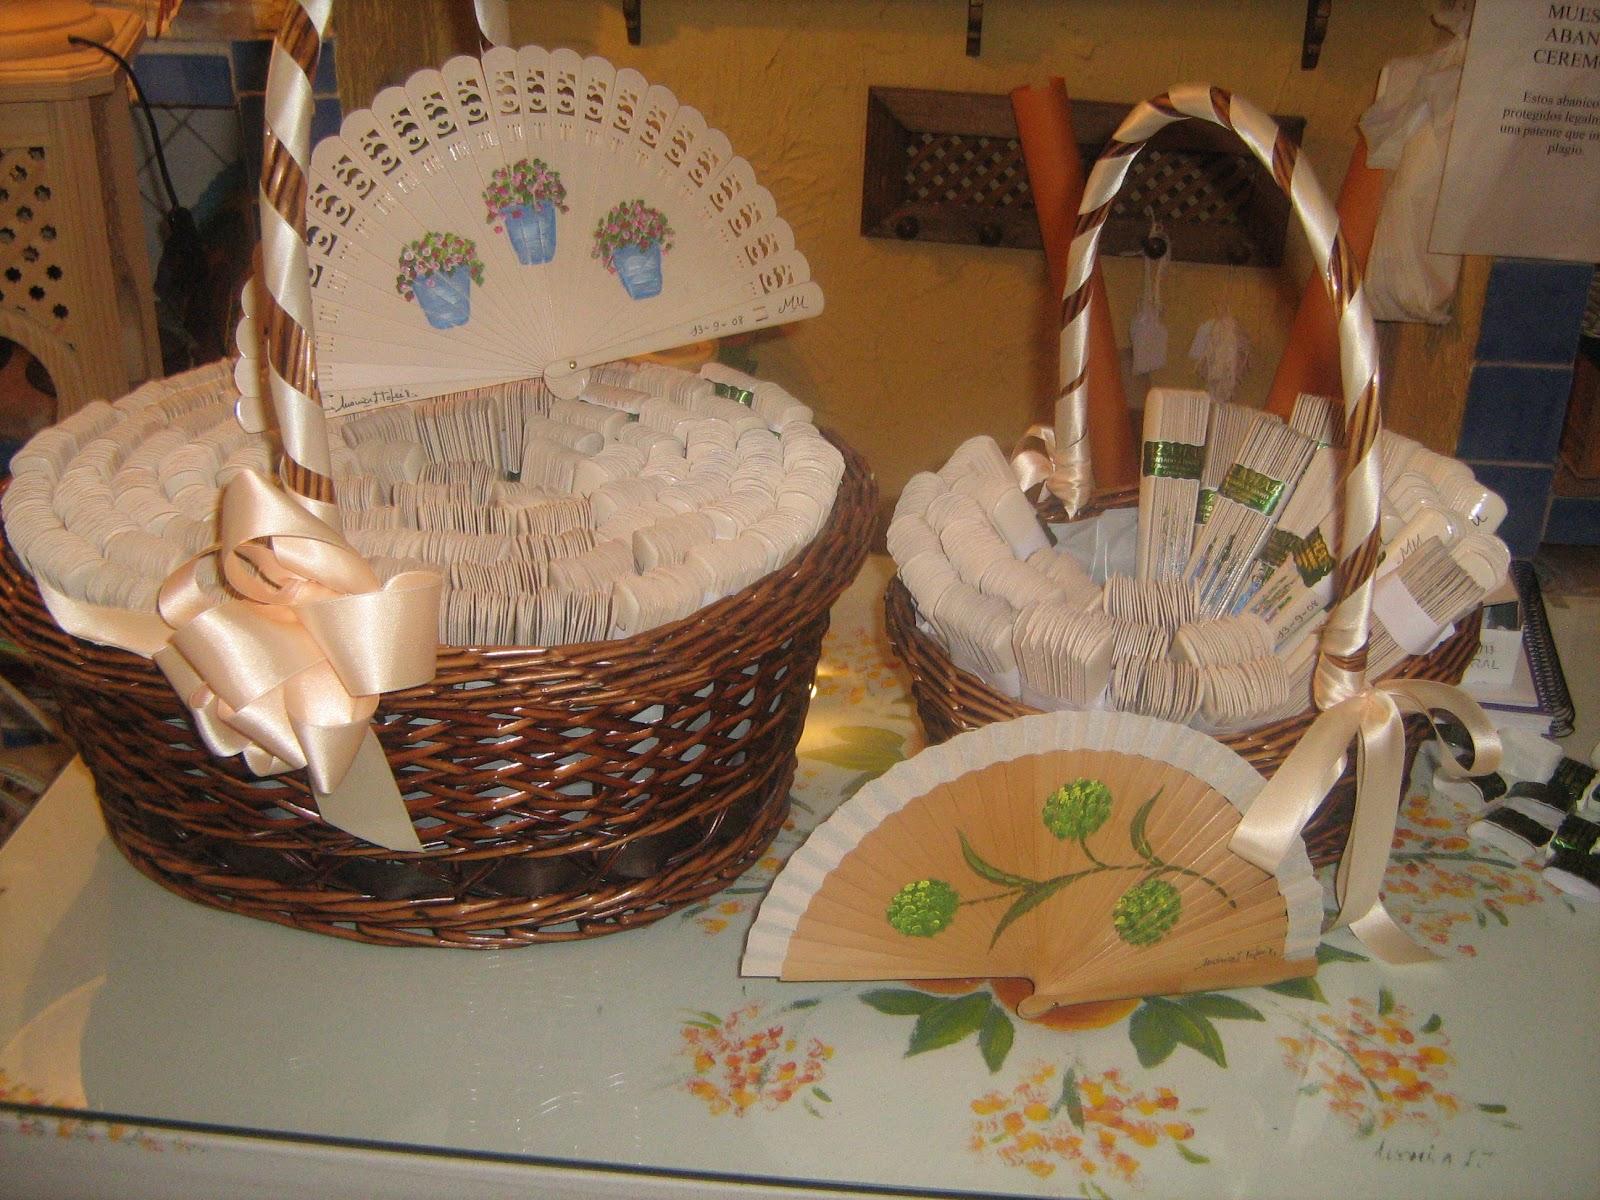 Azahar obsequios para bodas comuniones bautizos for Obsequios boda